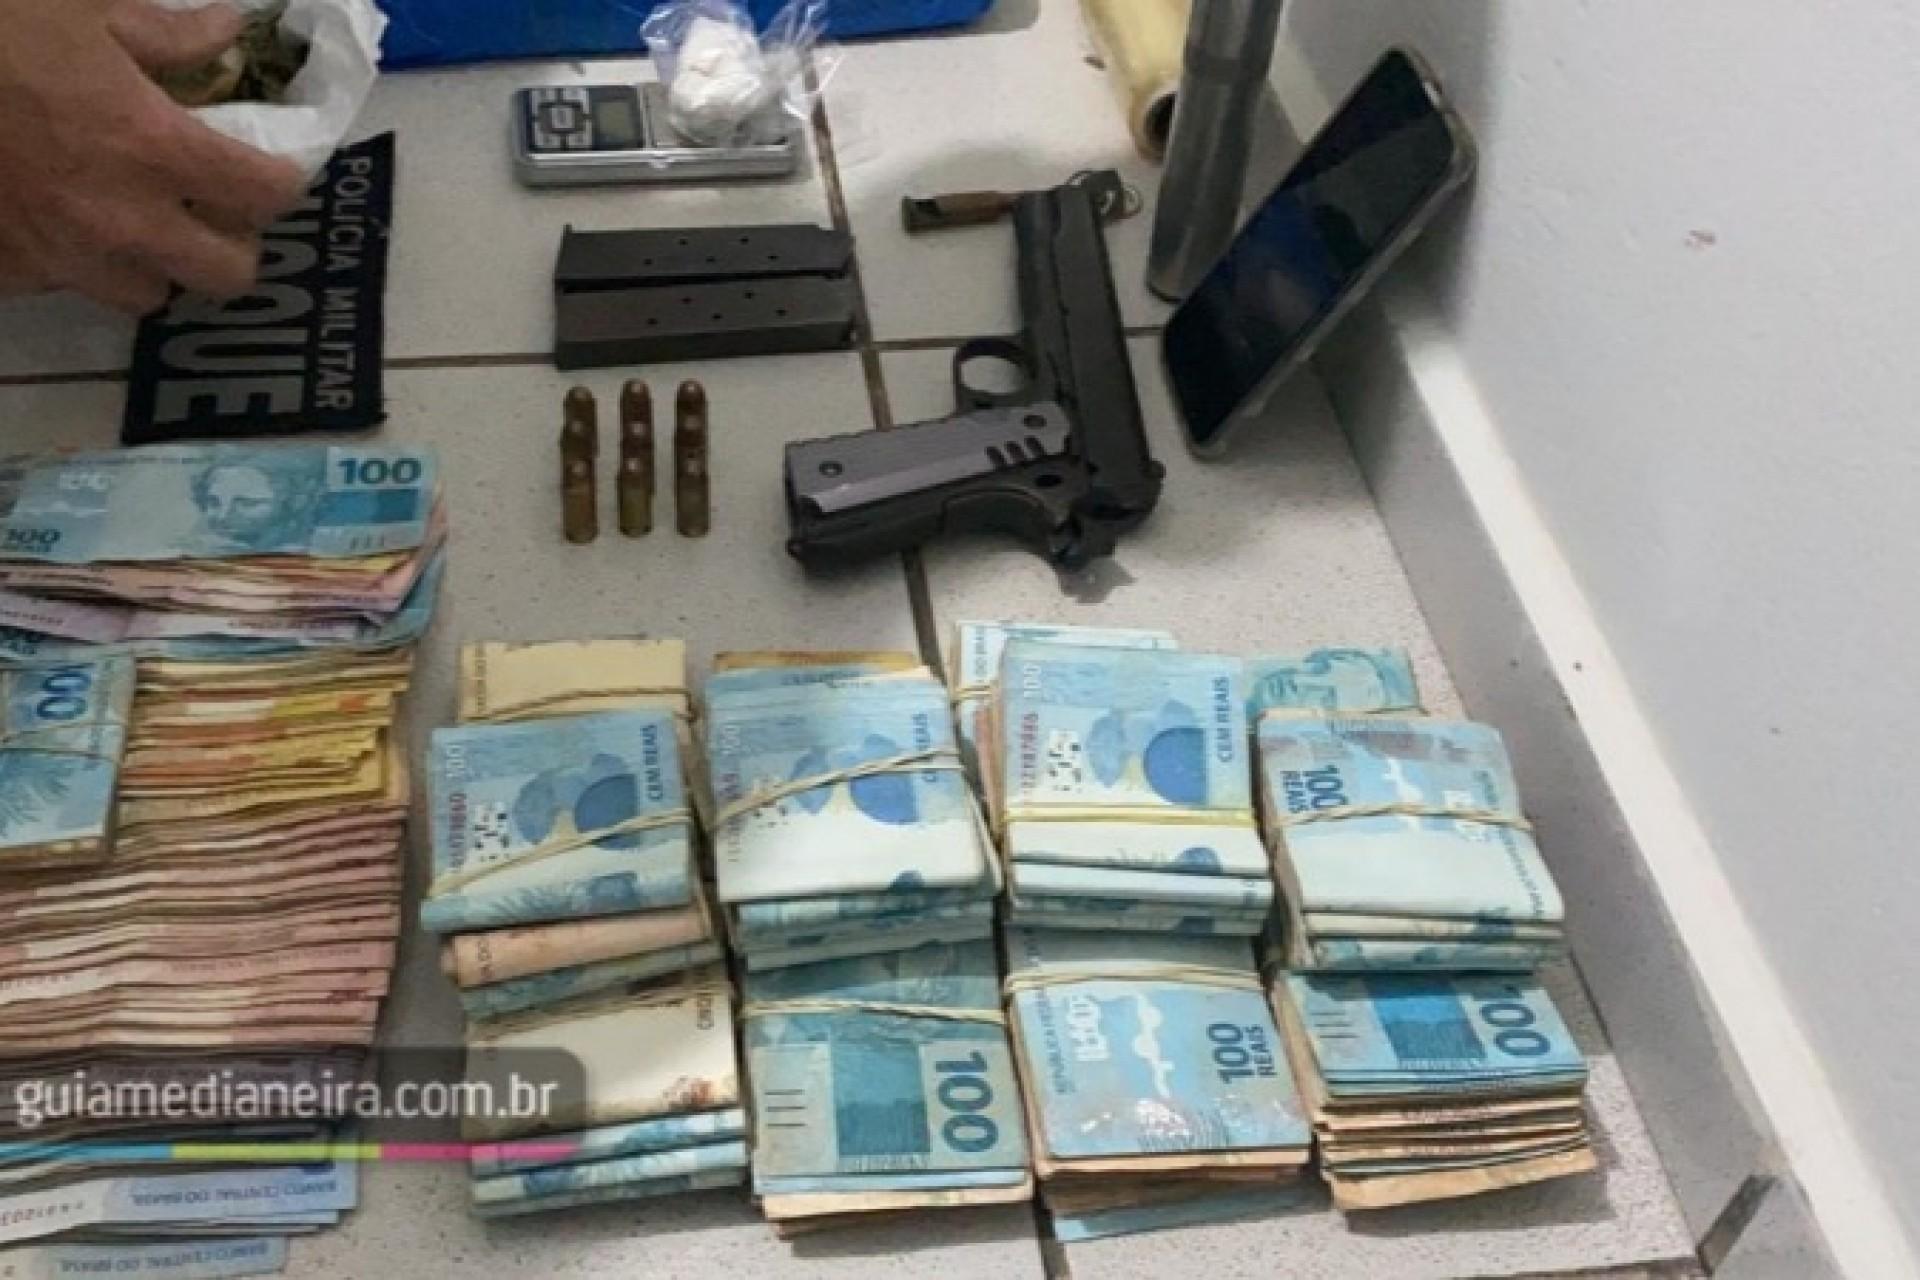 Itaipulândia: Polícia Militar apreende drogas, dinheiro e arma em abordagem em bar